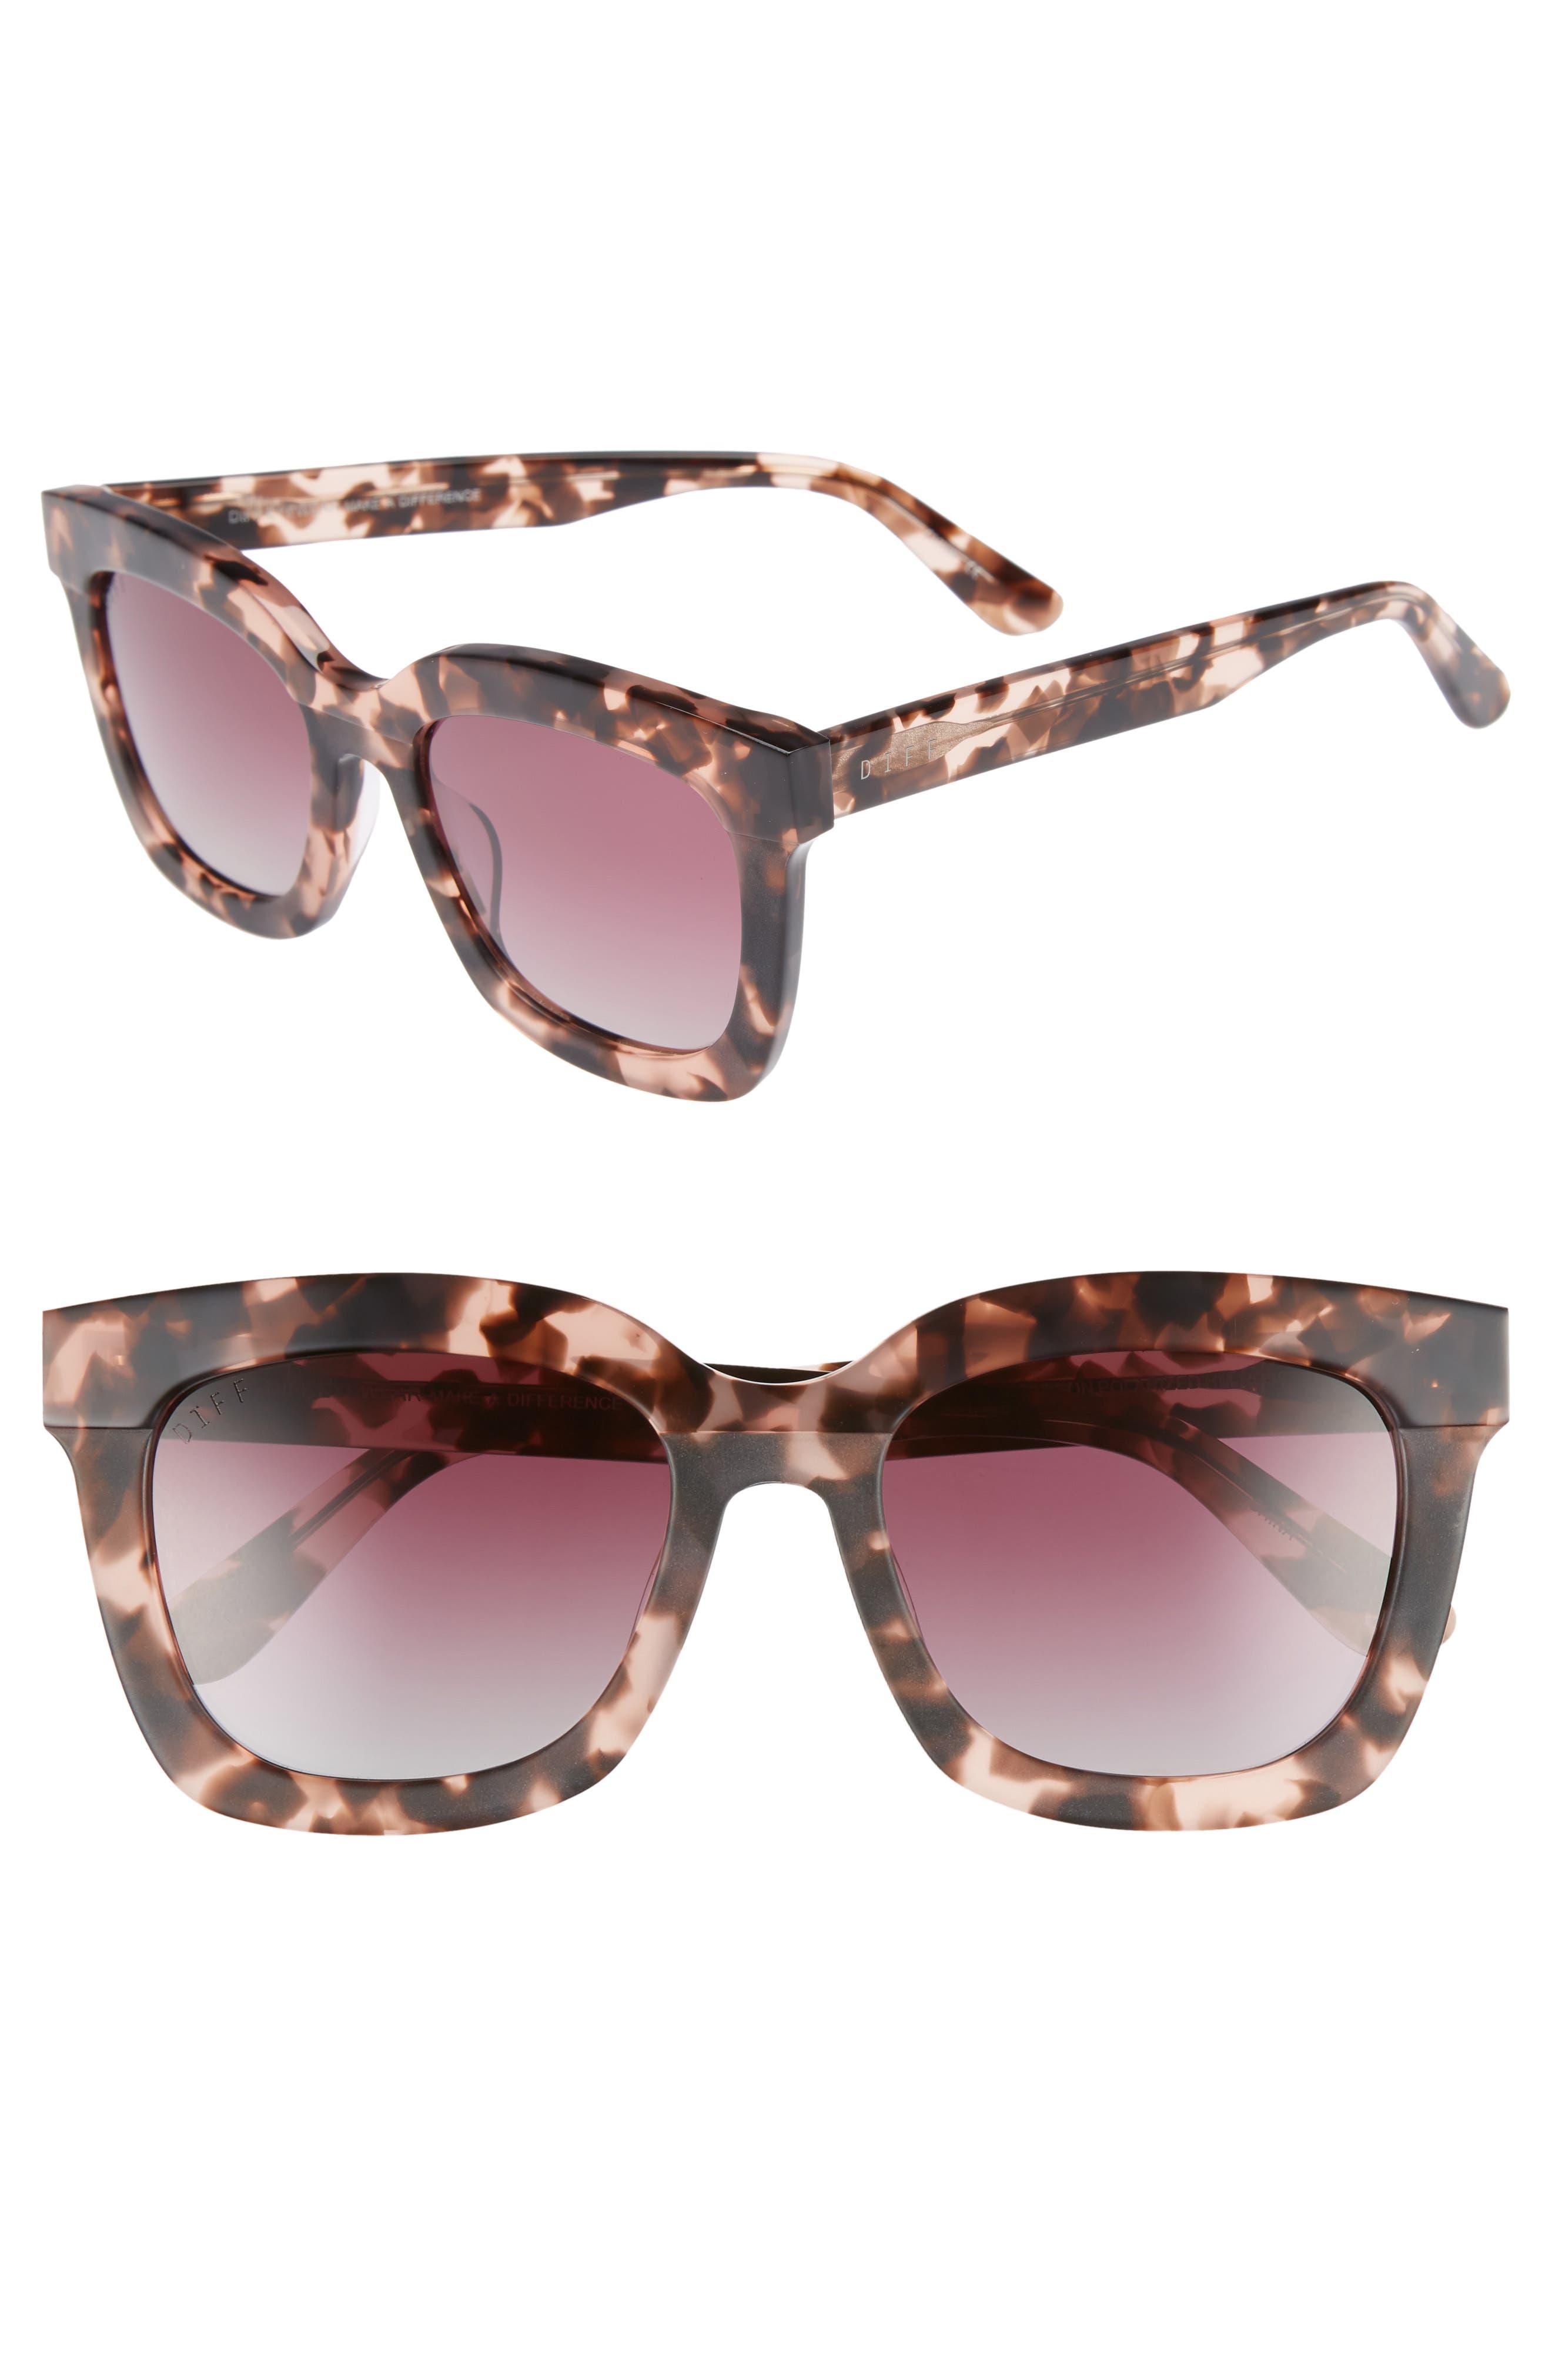 Carson 53mm Polarized Square Sunglasses